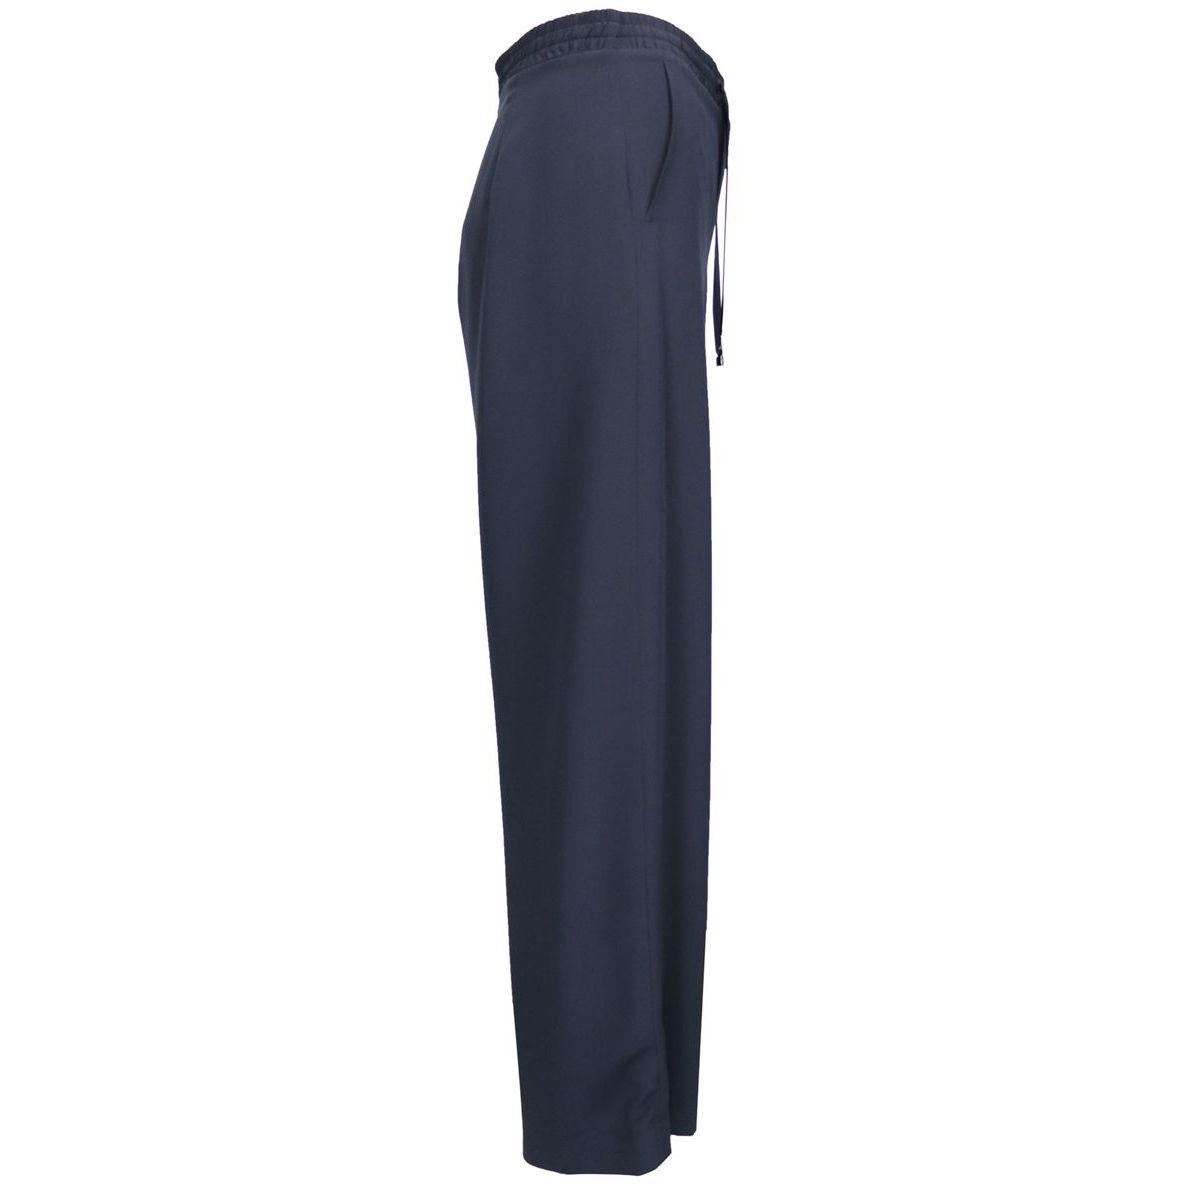 SULTANO silk trousers Blue Max Mara